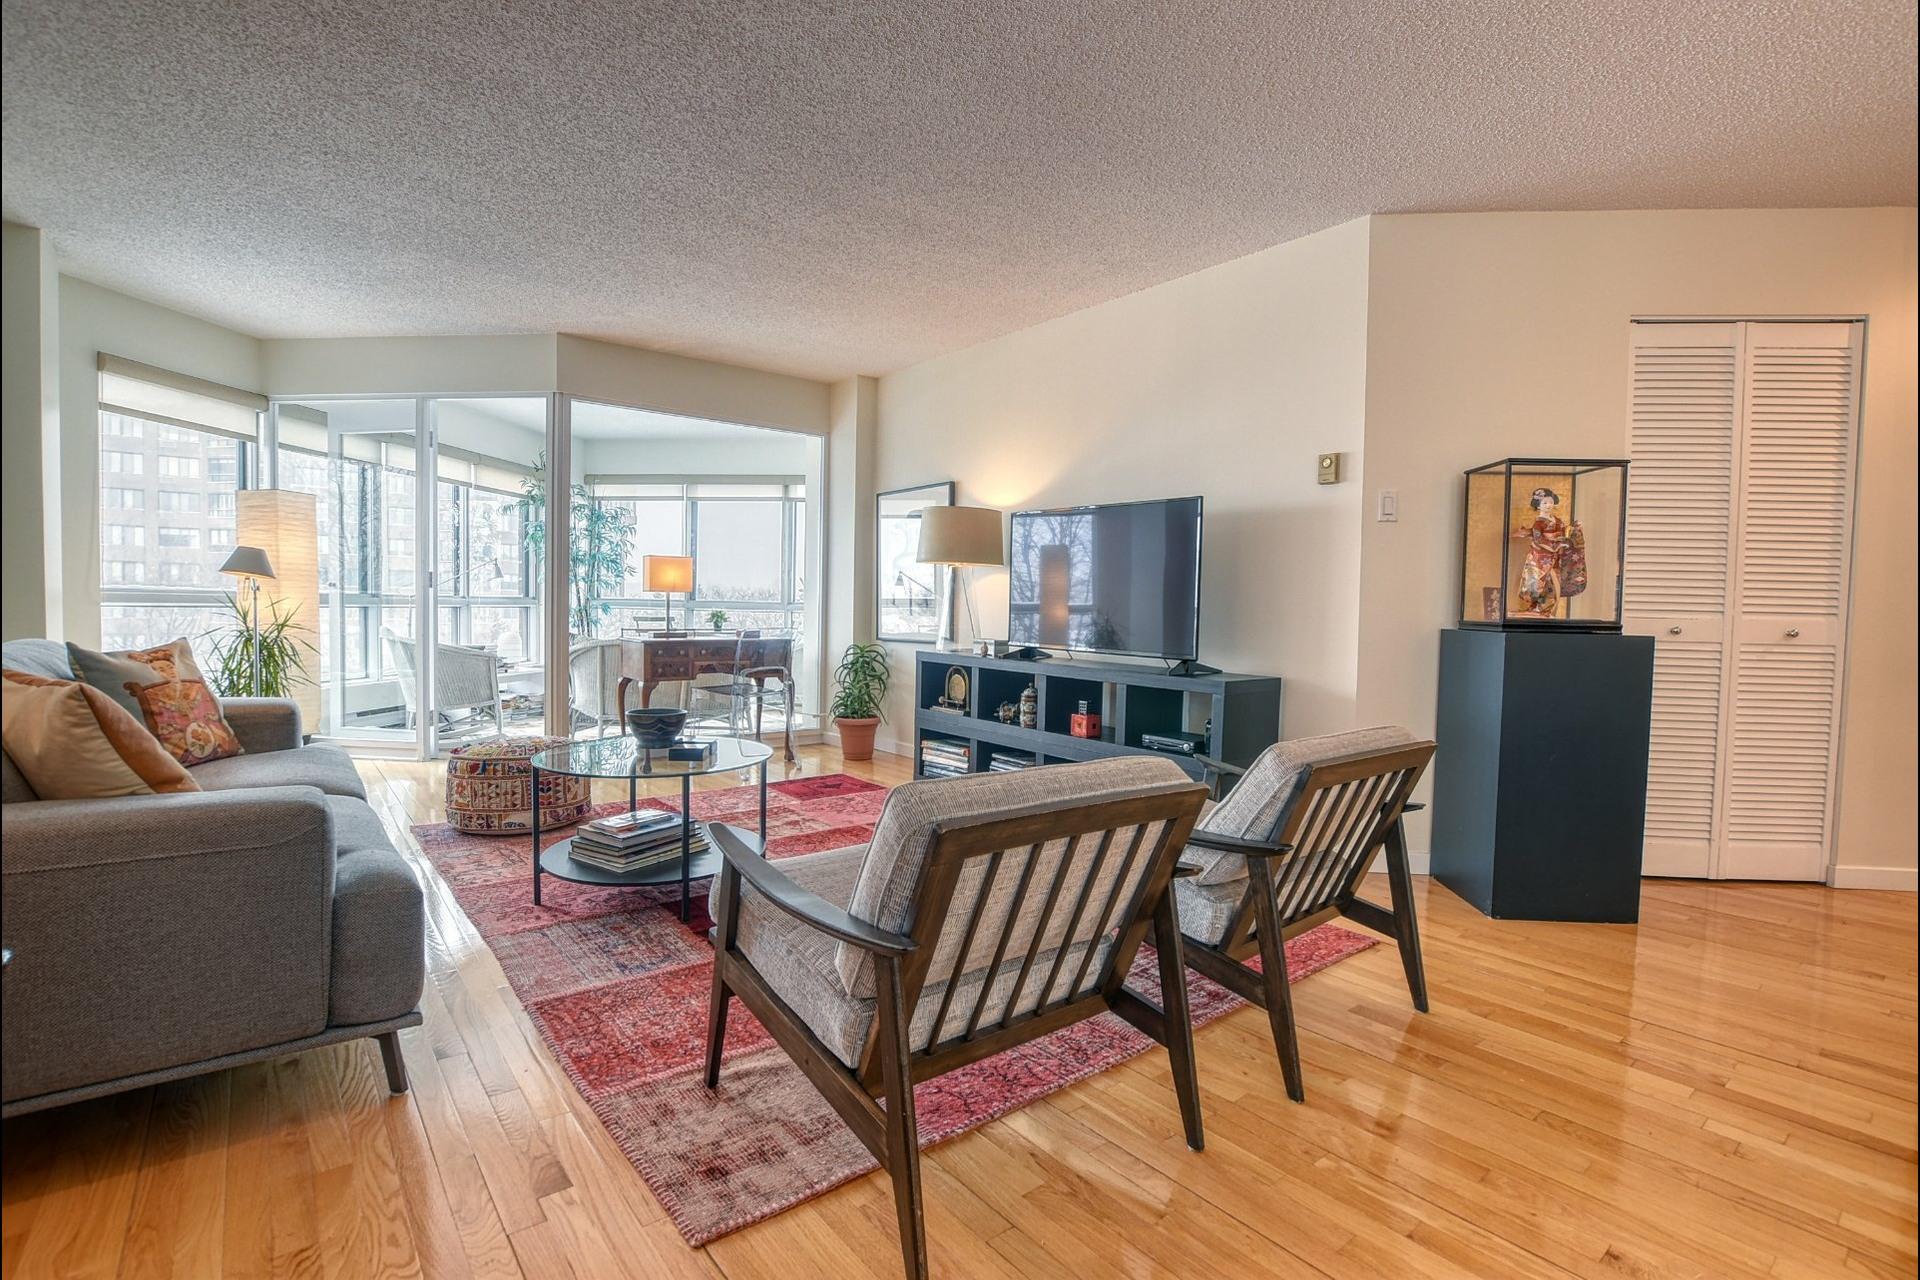 image 5 - Apartment For sale Verdun/Île-des-Soeurs Montréal  - 6 rooms